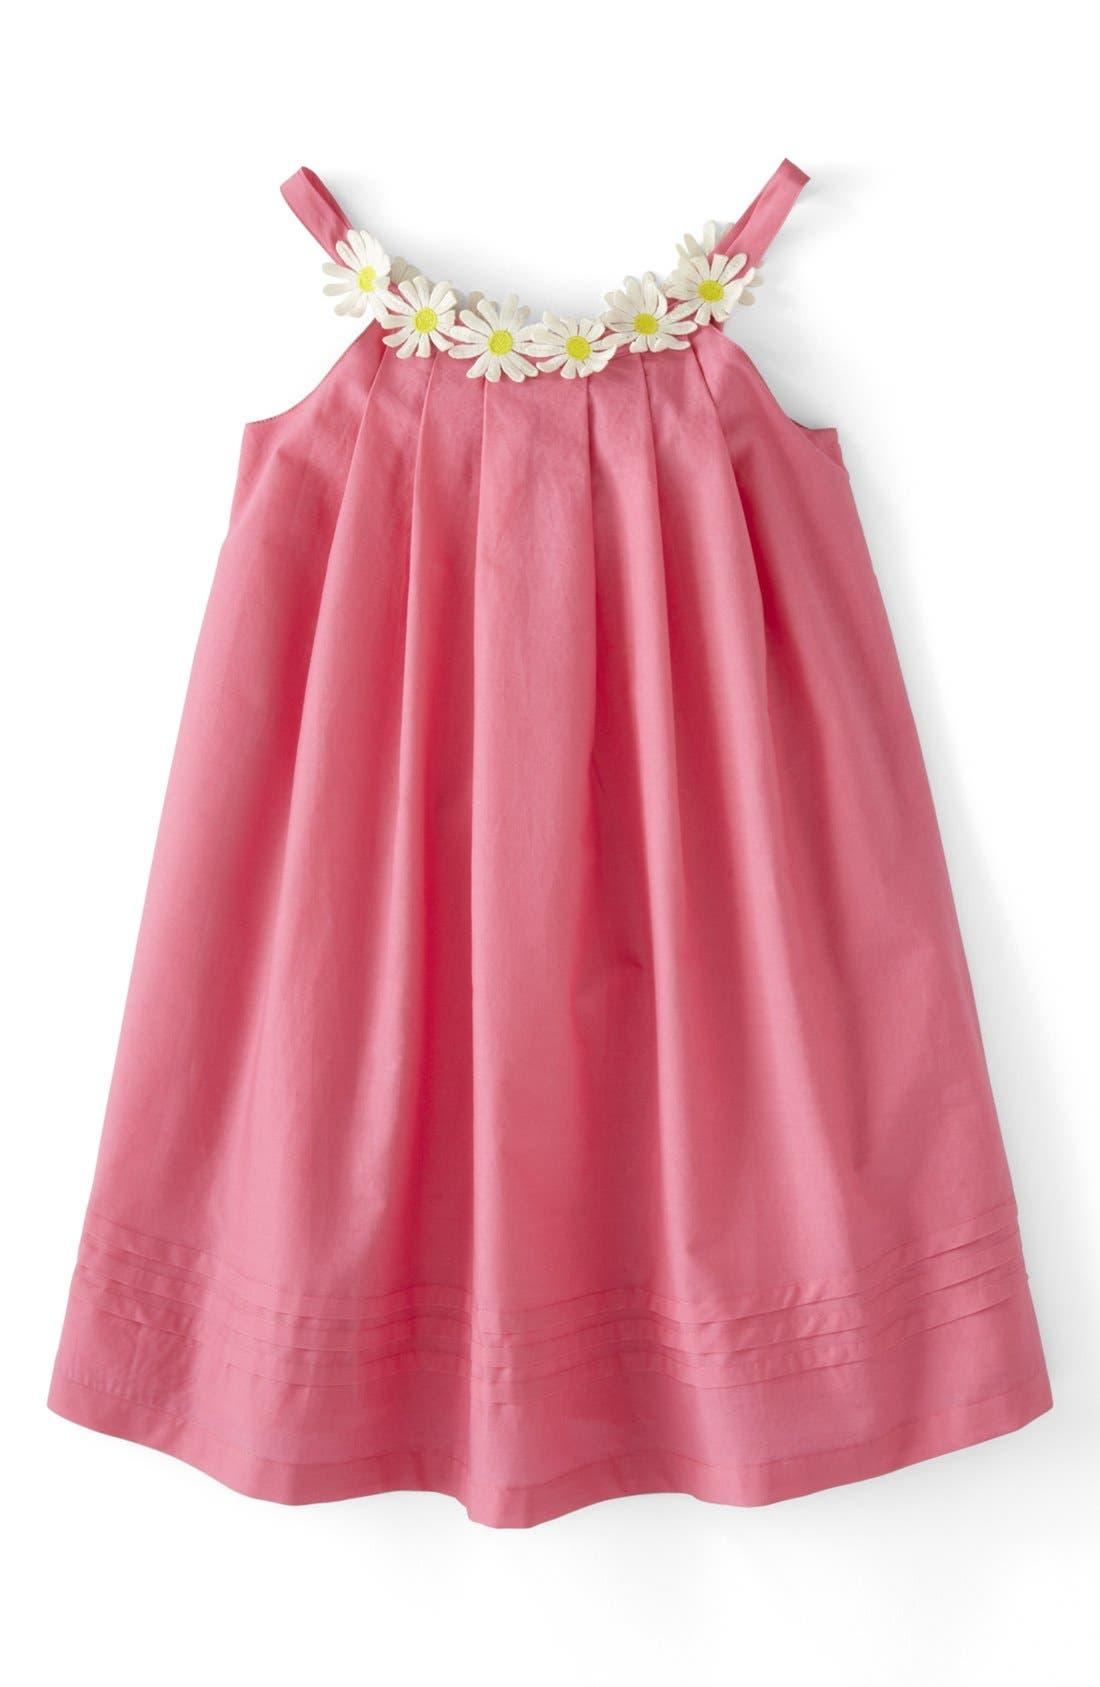 Alternate Image 1 Selected - Mini Boden 'Daisy' Summer Dress (Toddler Girls, Little Girls & Big Girls)